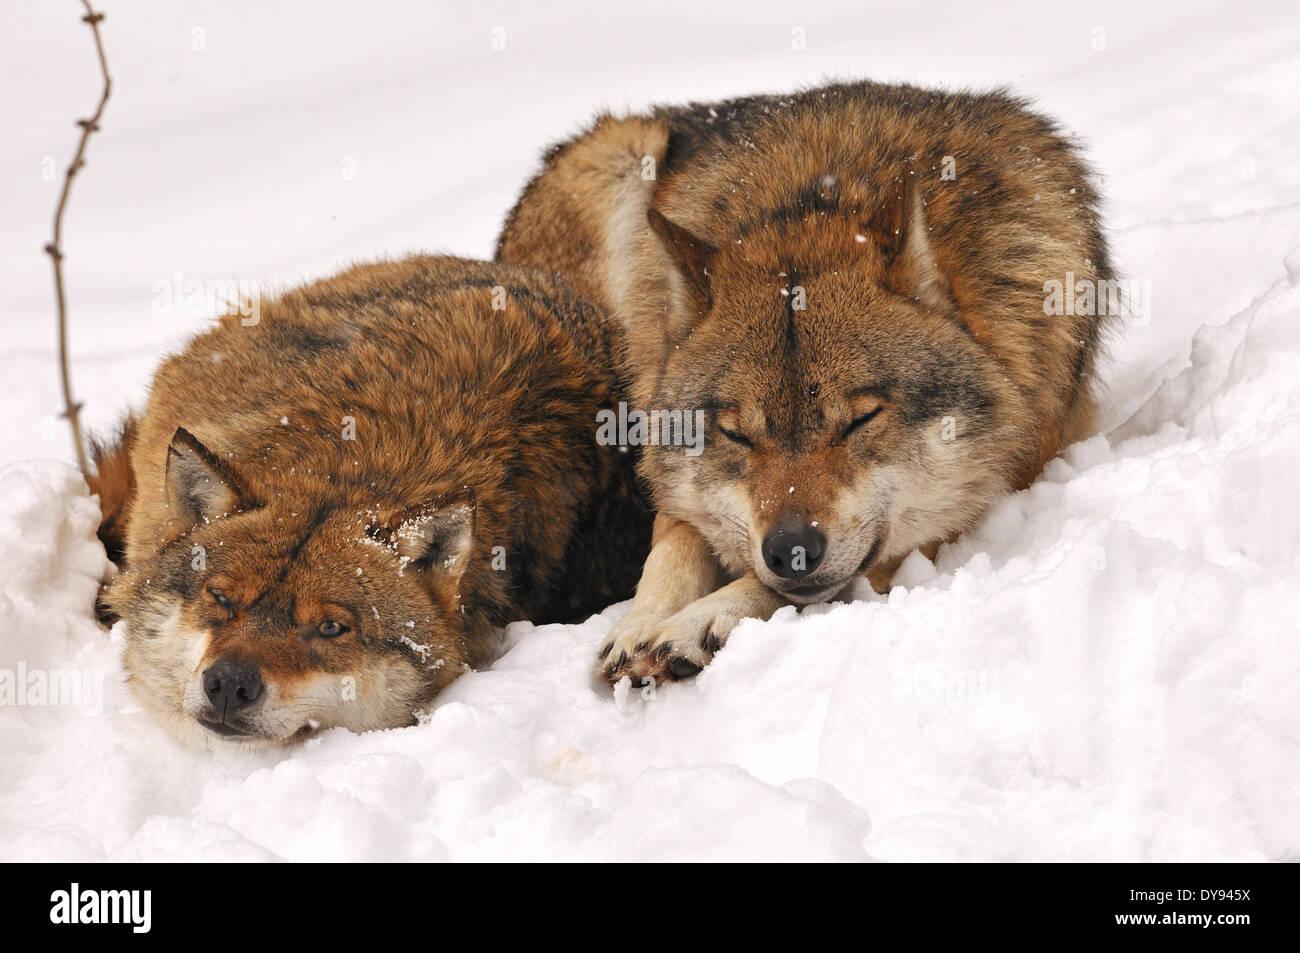 Canis lupus canidi Unione Lupo Lupo grigio lupi predatori predator Wolf inverno freddo della neve gelo Canine animale Foto Stock